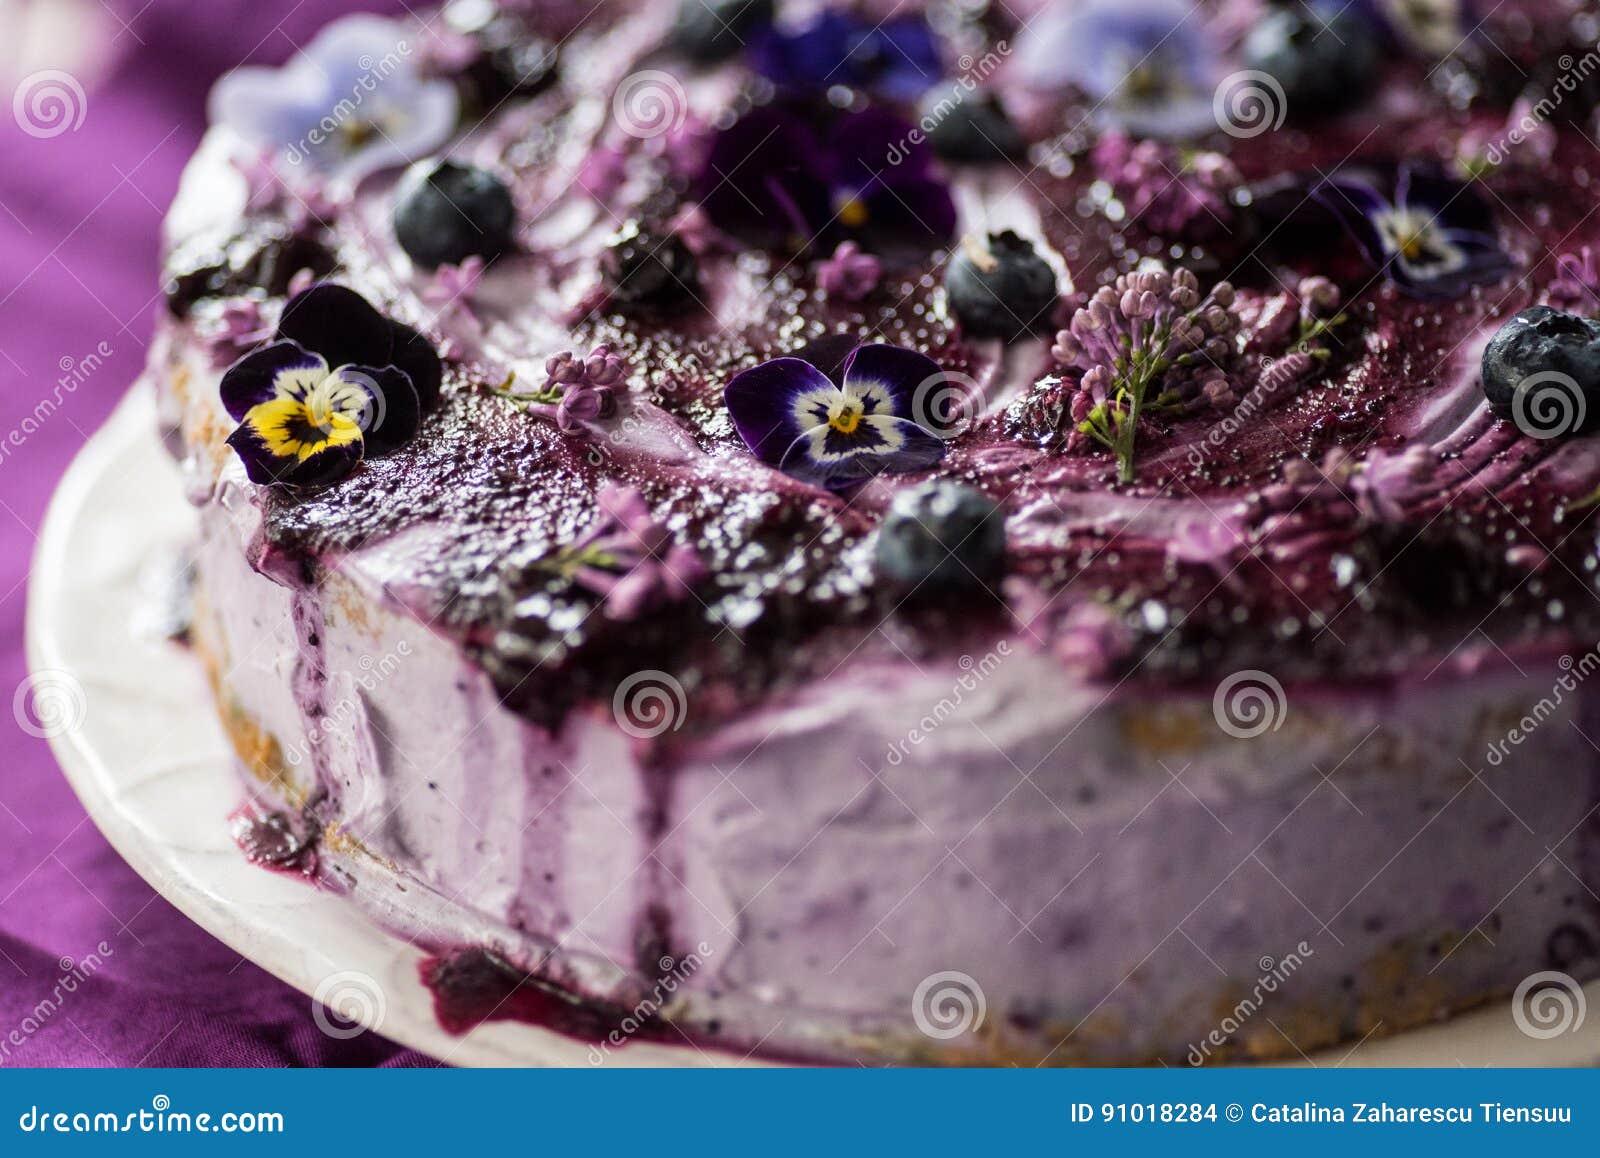 Płatowaty tort z czarnymi jagodami i bzem